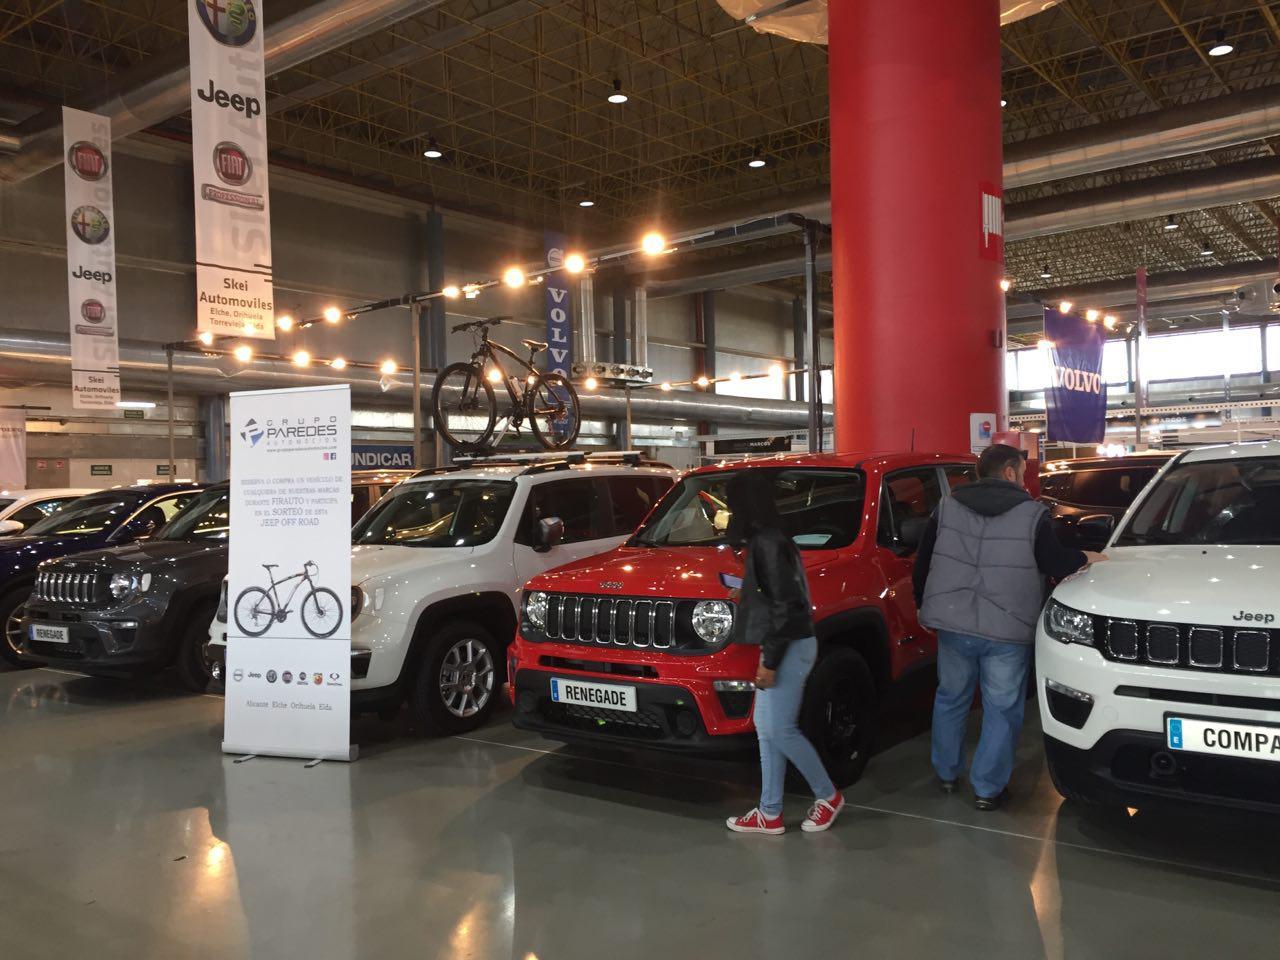 Firauto abre sus puertas otro año más como el evento más importante de vehículo nuevo y vehículo de ocasión